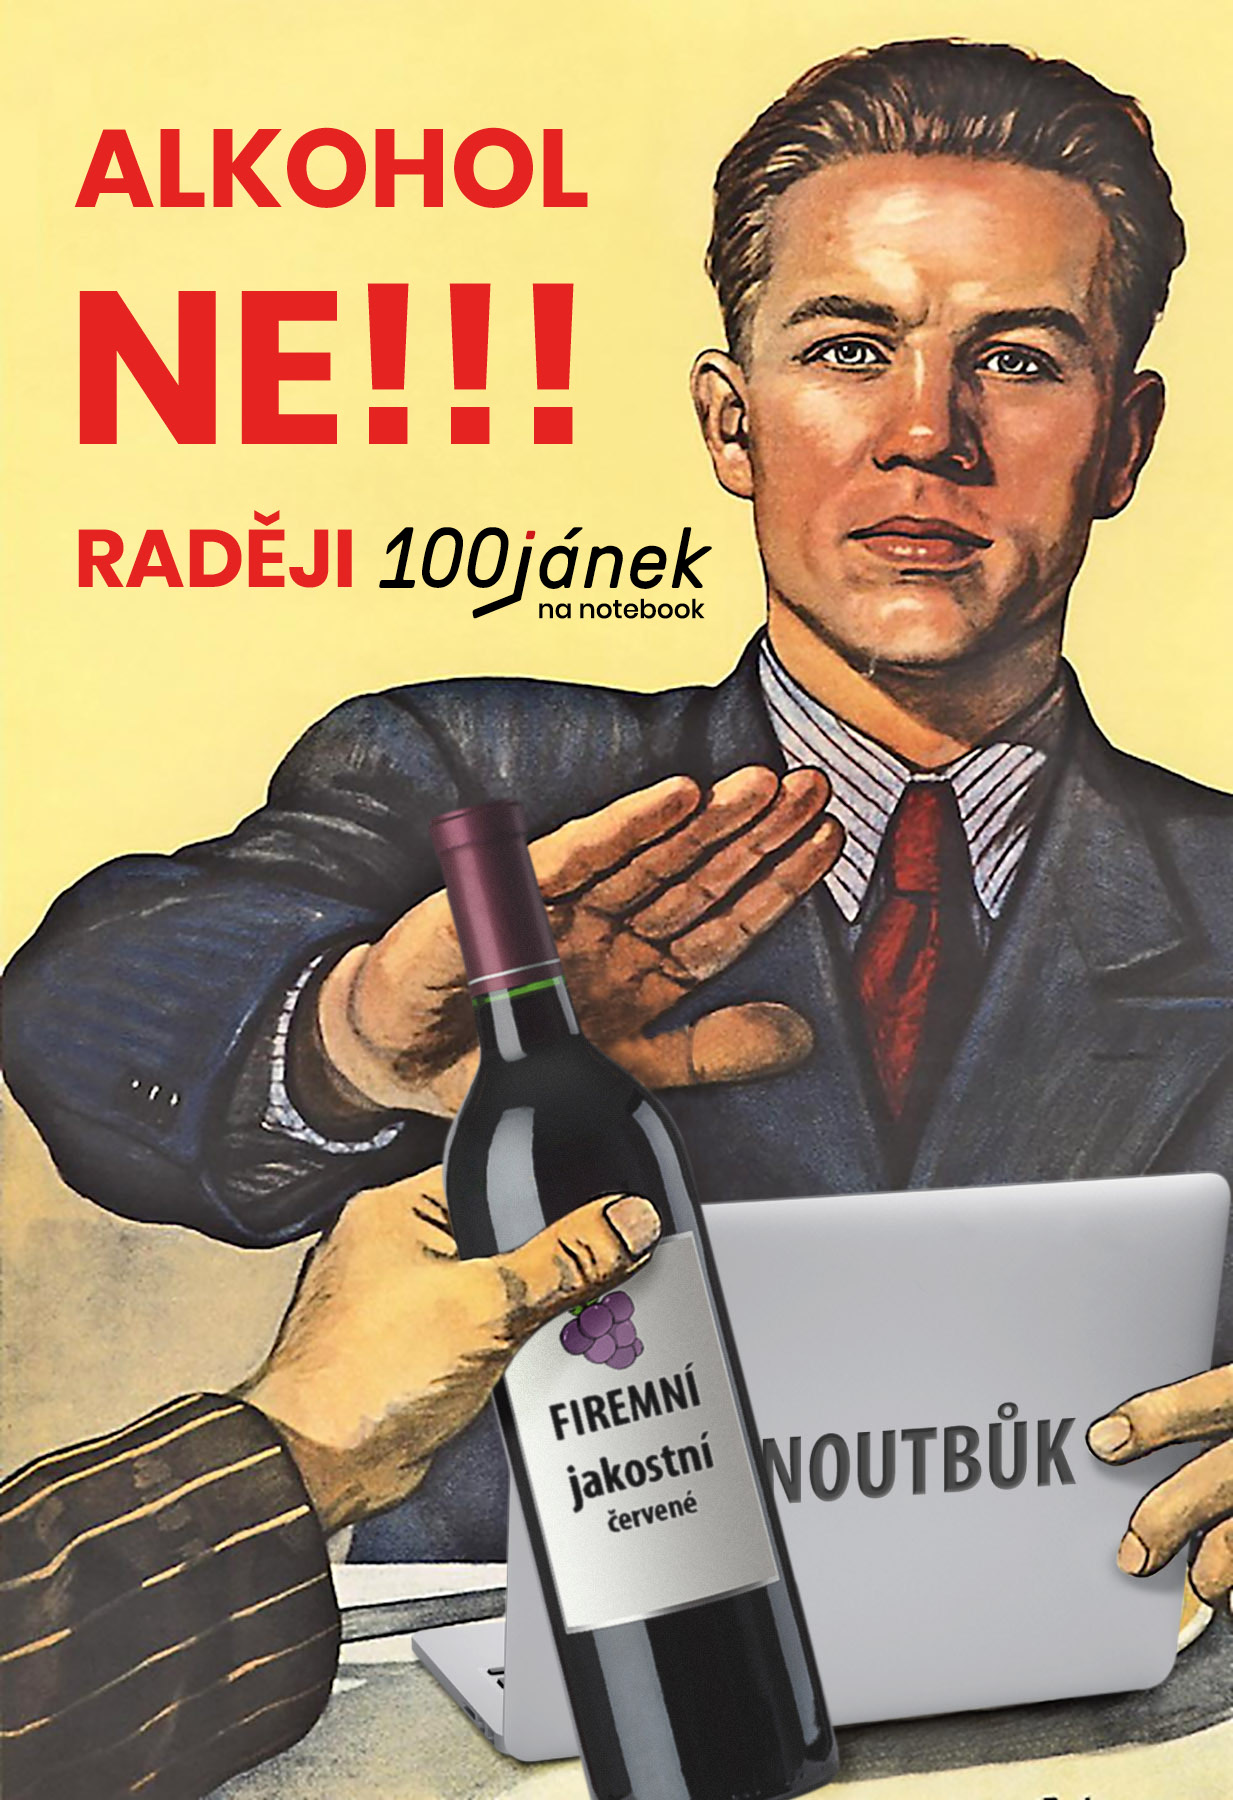 100janek-alkohol-ne